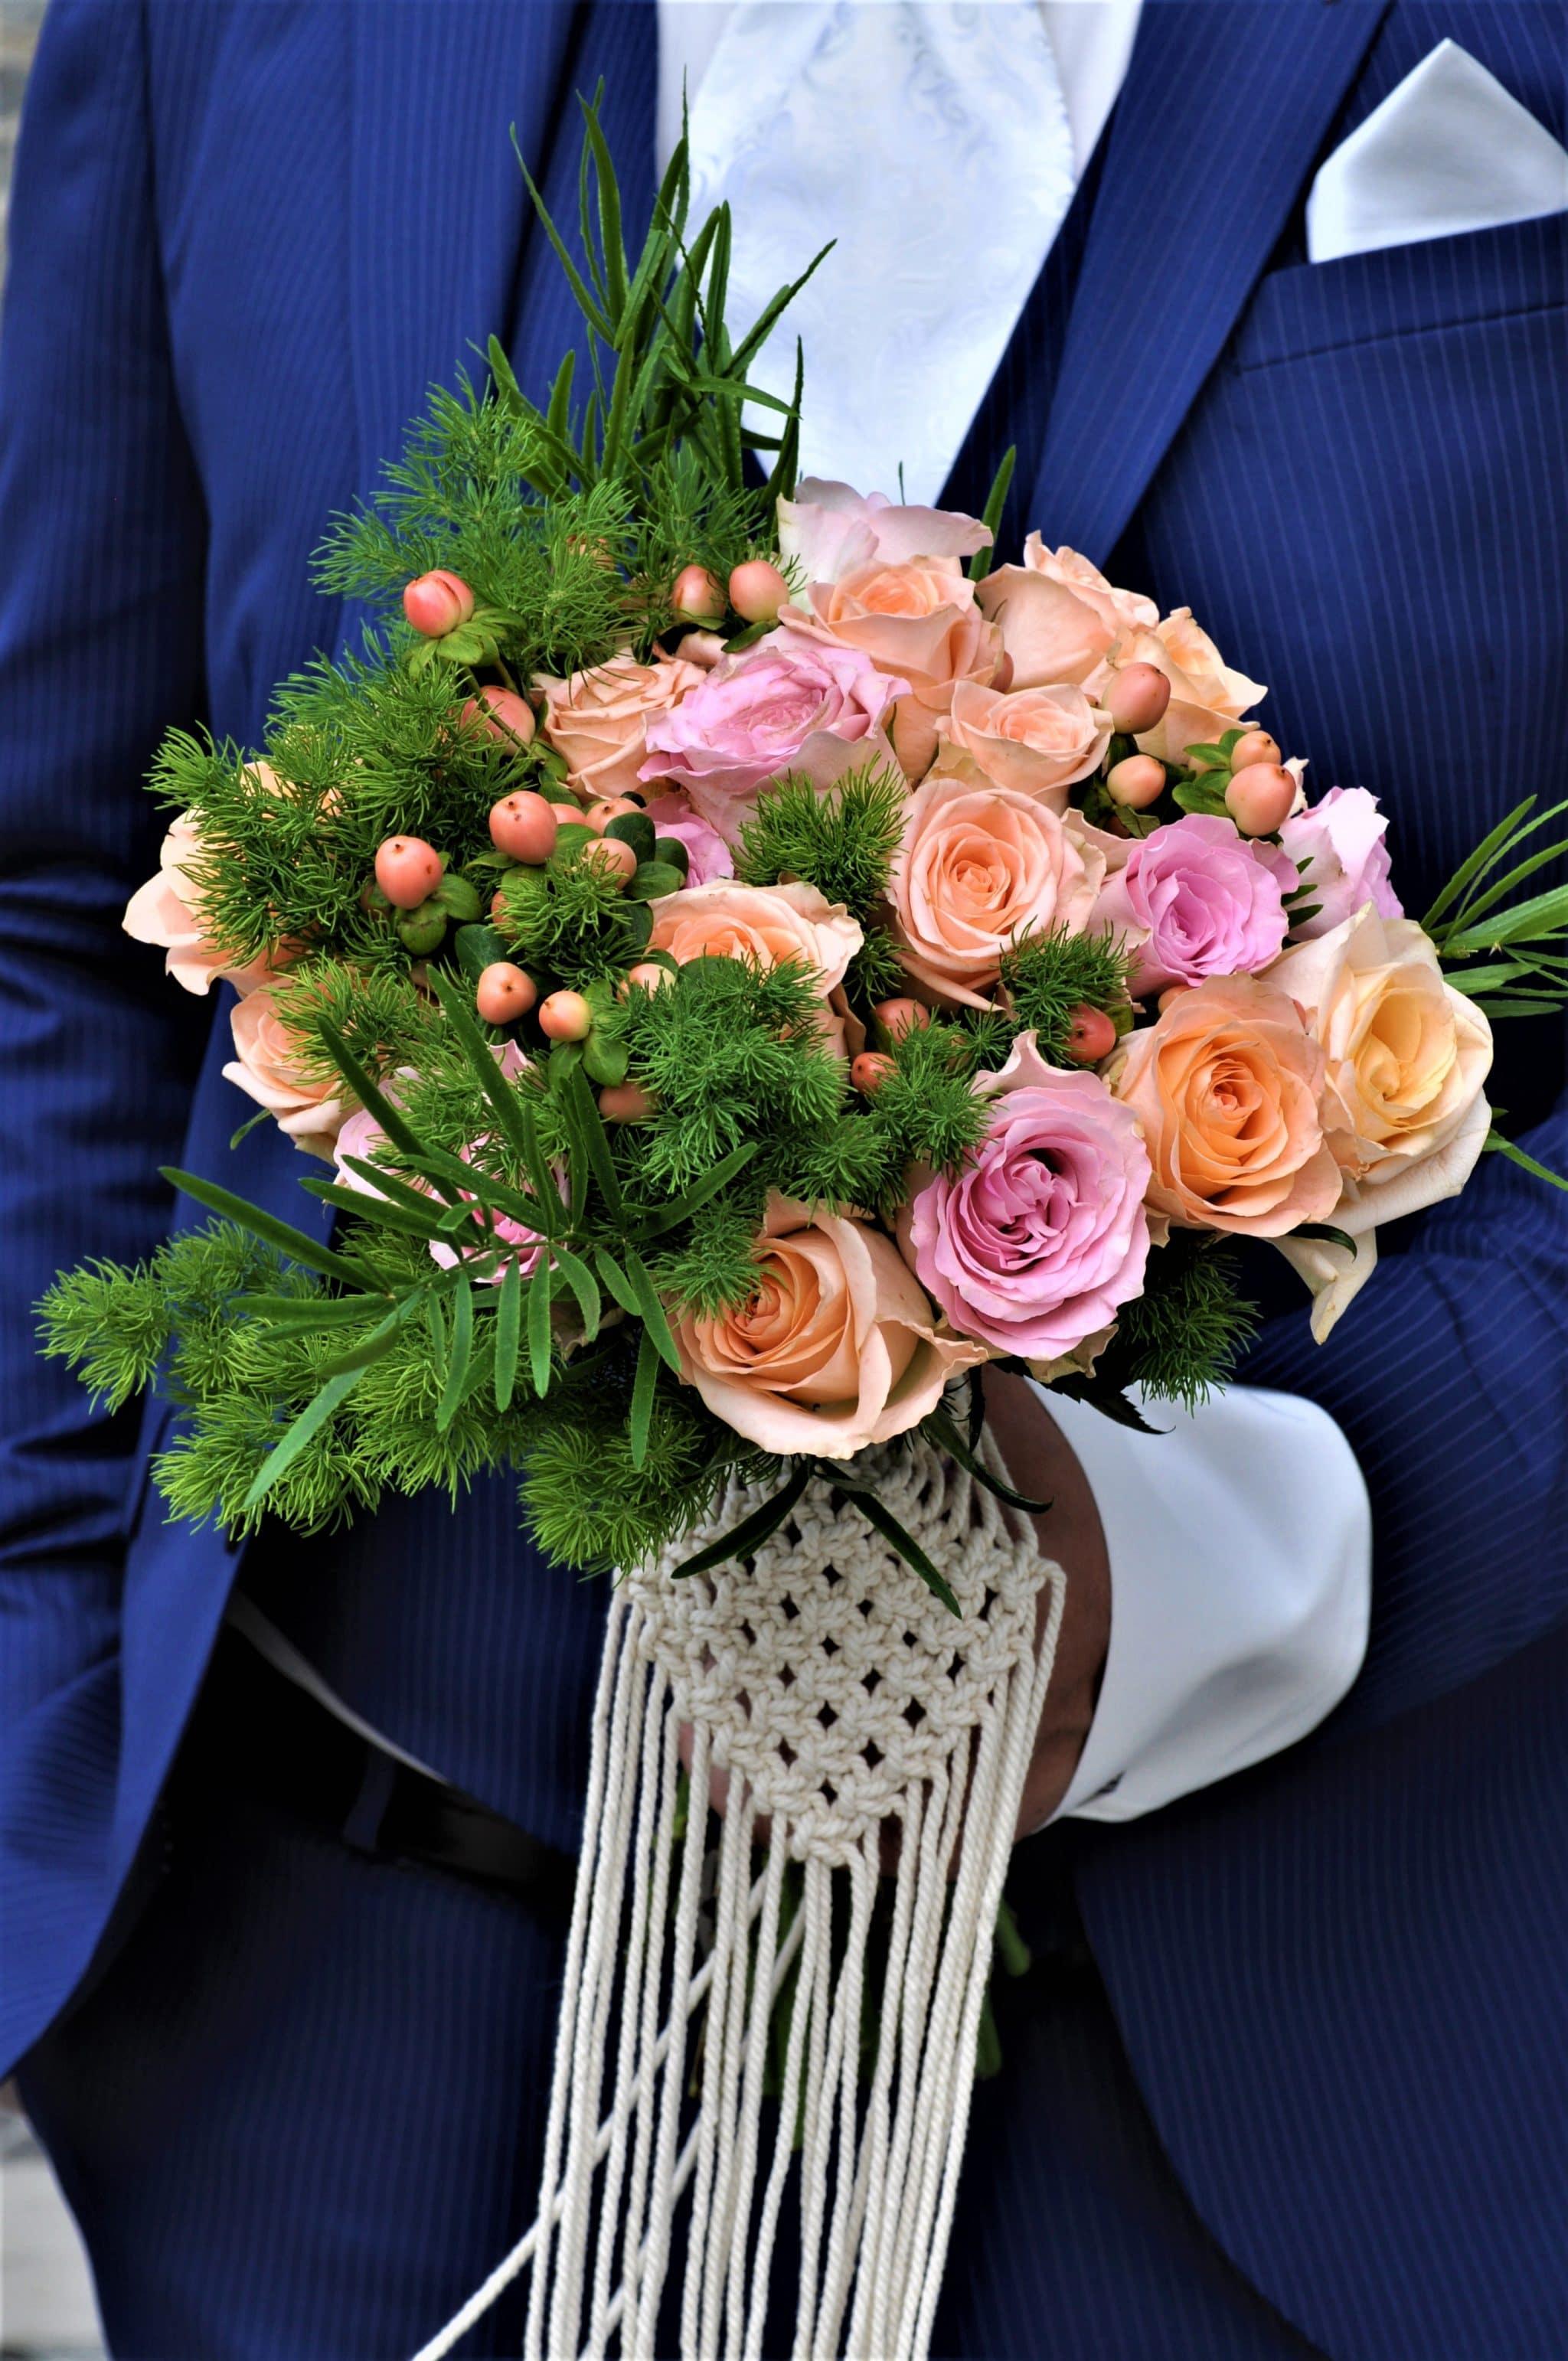 Νυφική ανθοδέσμη γάμος boho στην Εύβοια 1